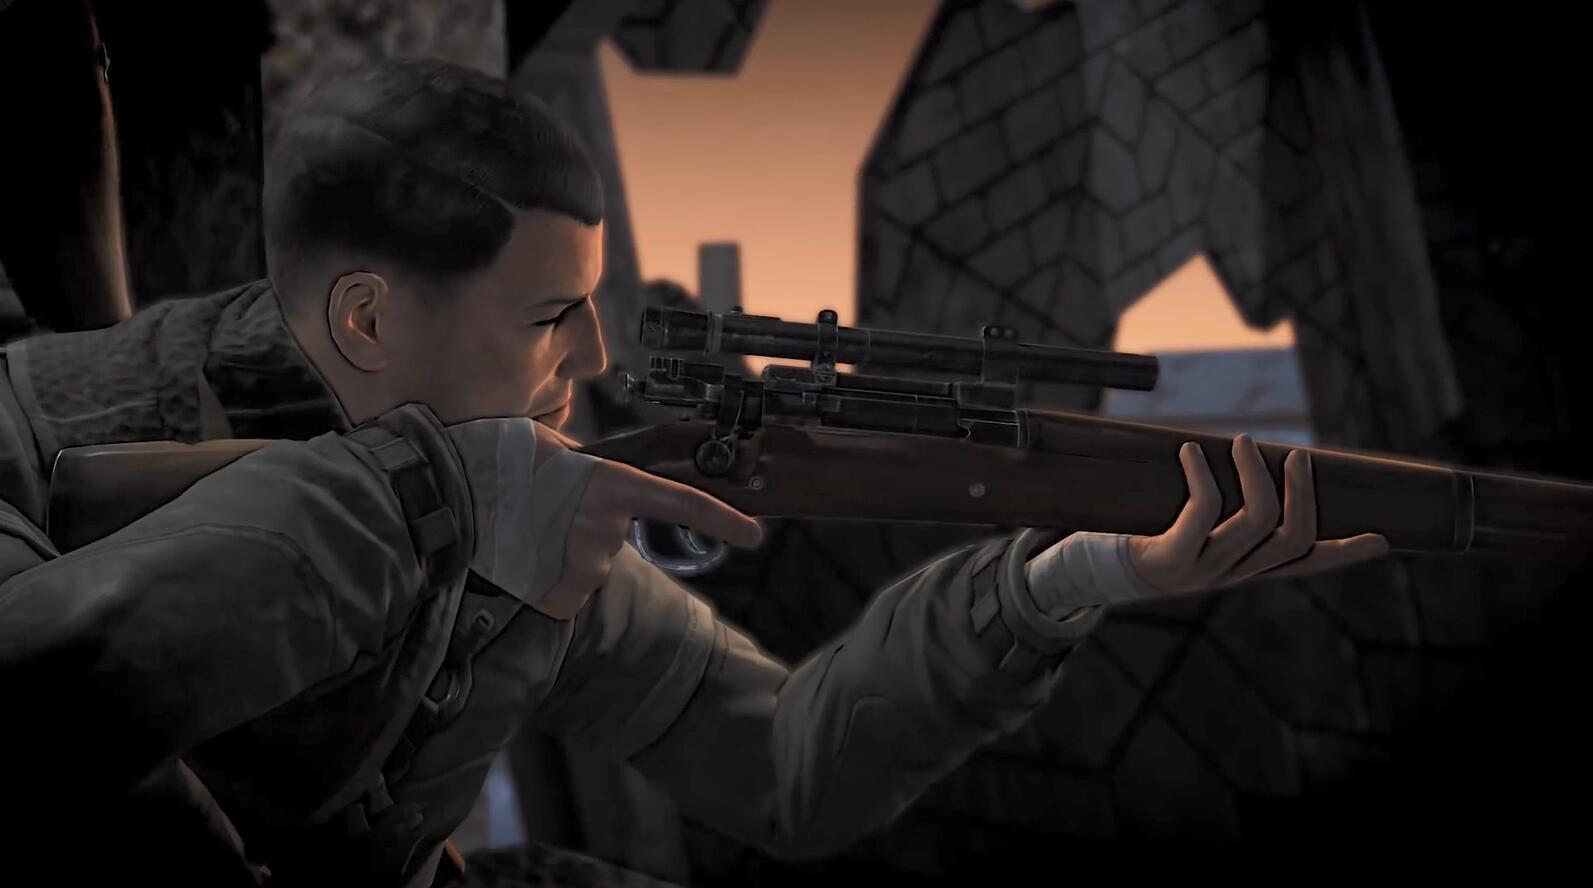 粉丝狂喜!《狙击精英V2》重制版《狙击精英3终极版》宣传片齐登场